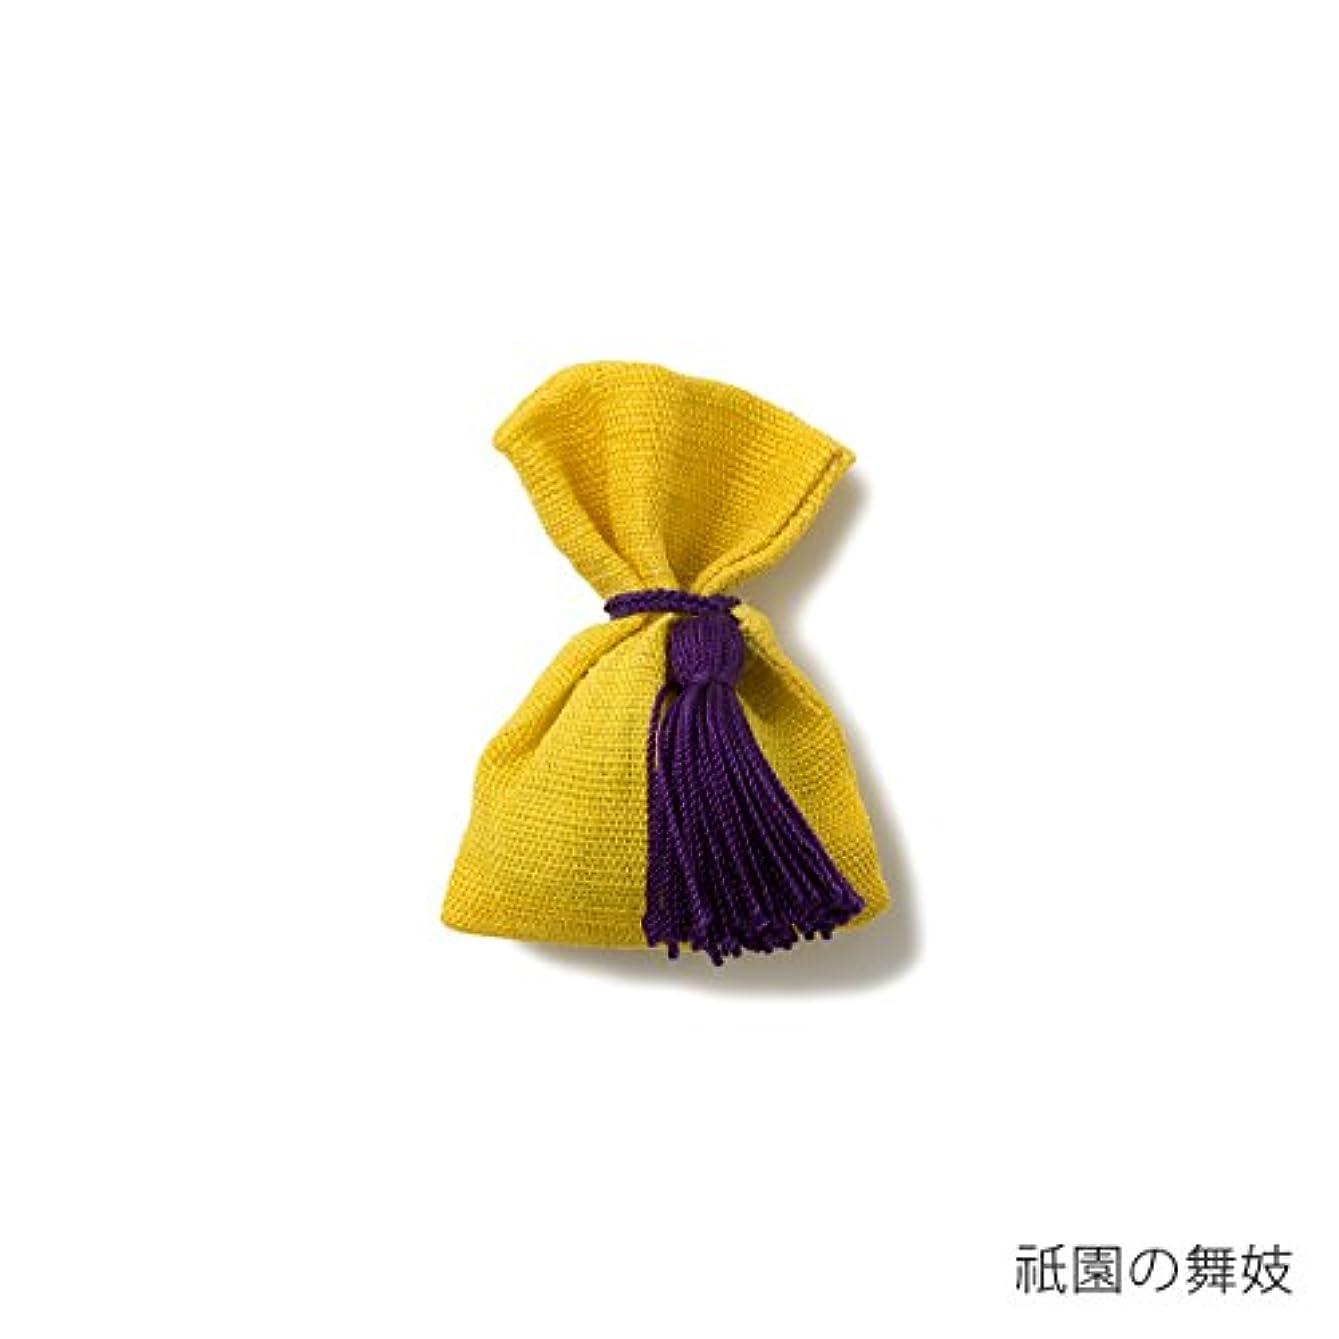 相対性理論怠けたパック【薫玉堂】 京の香り 香袋 祇園の舞妓